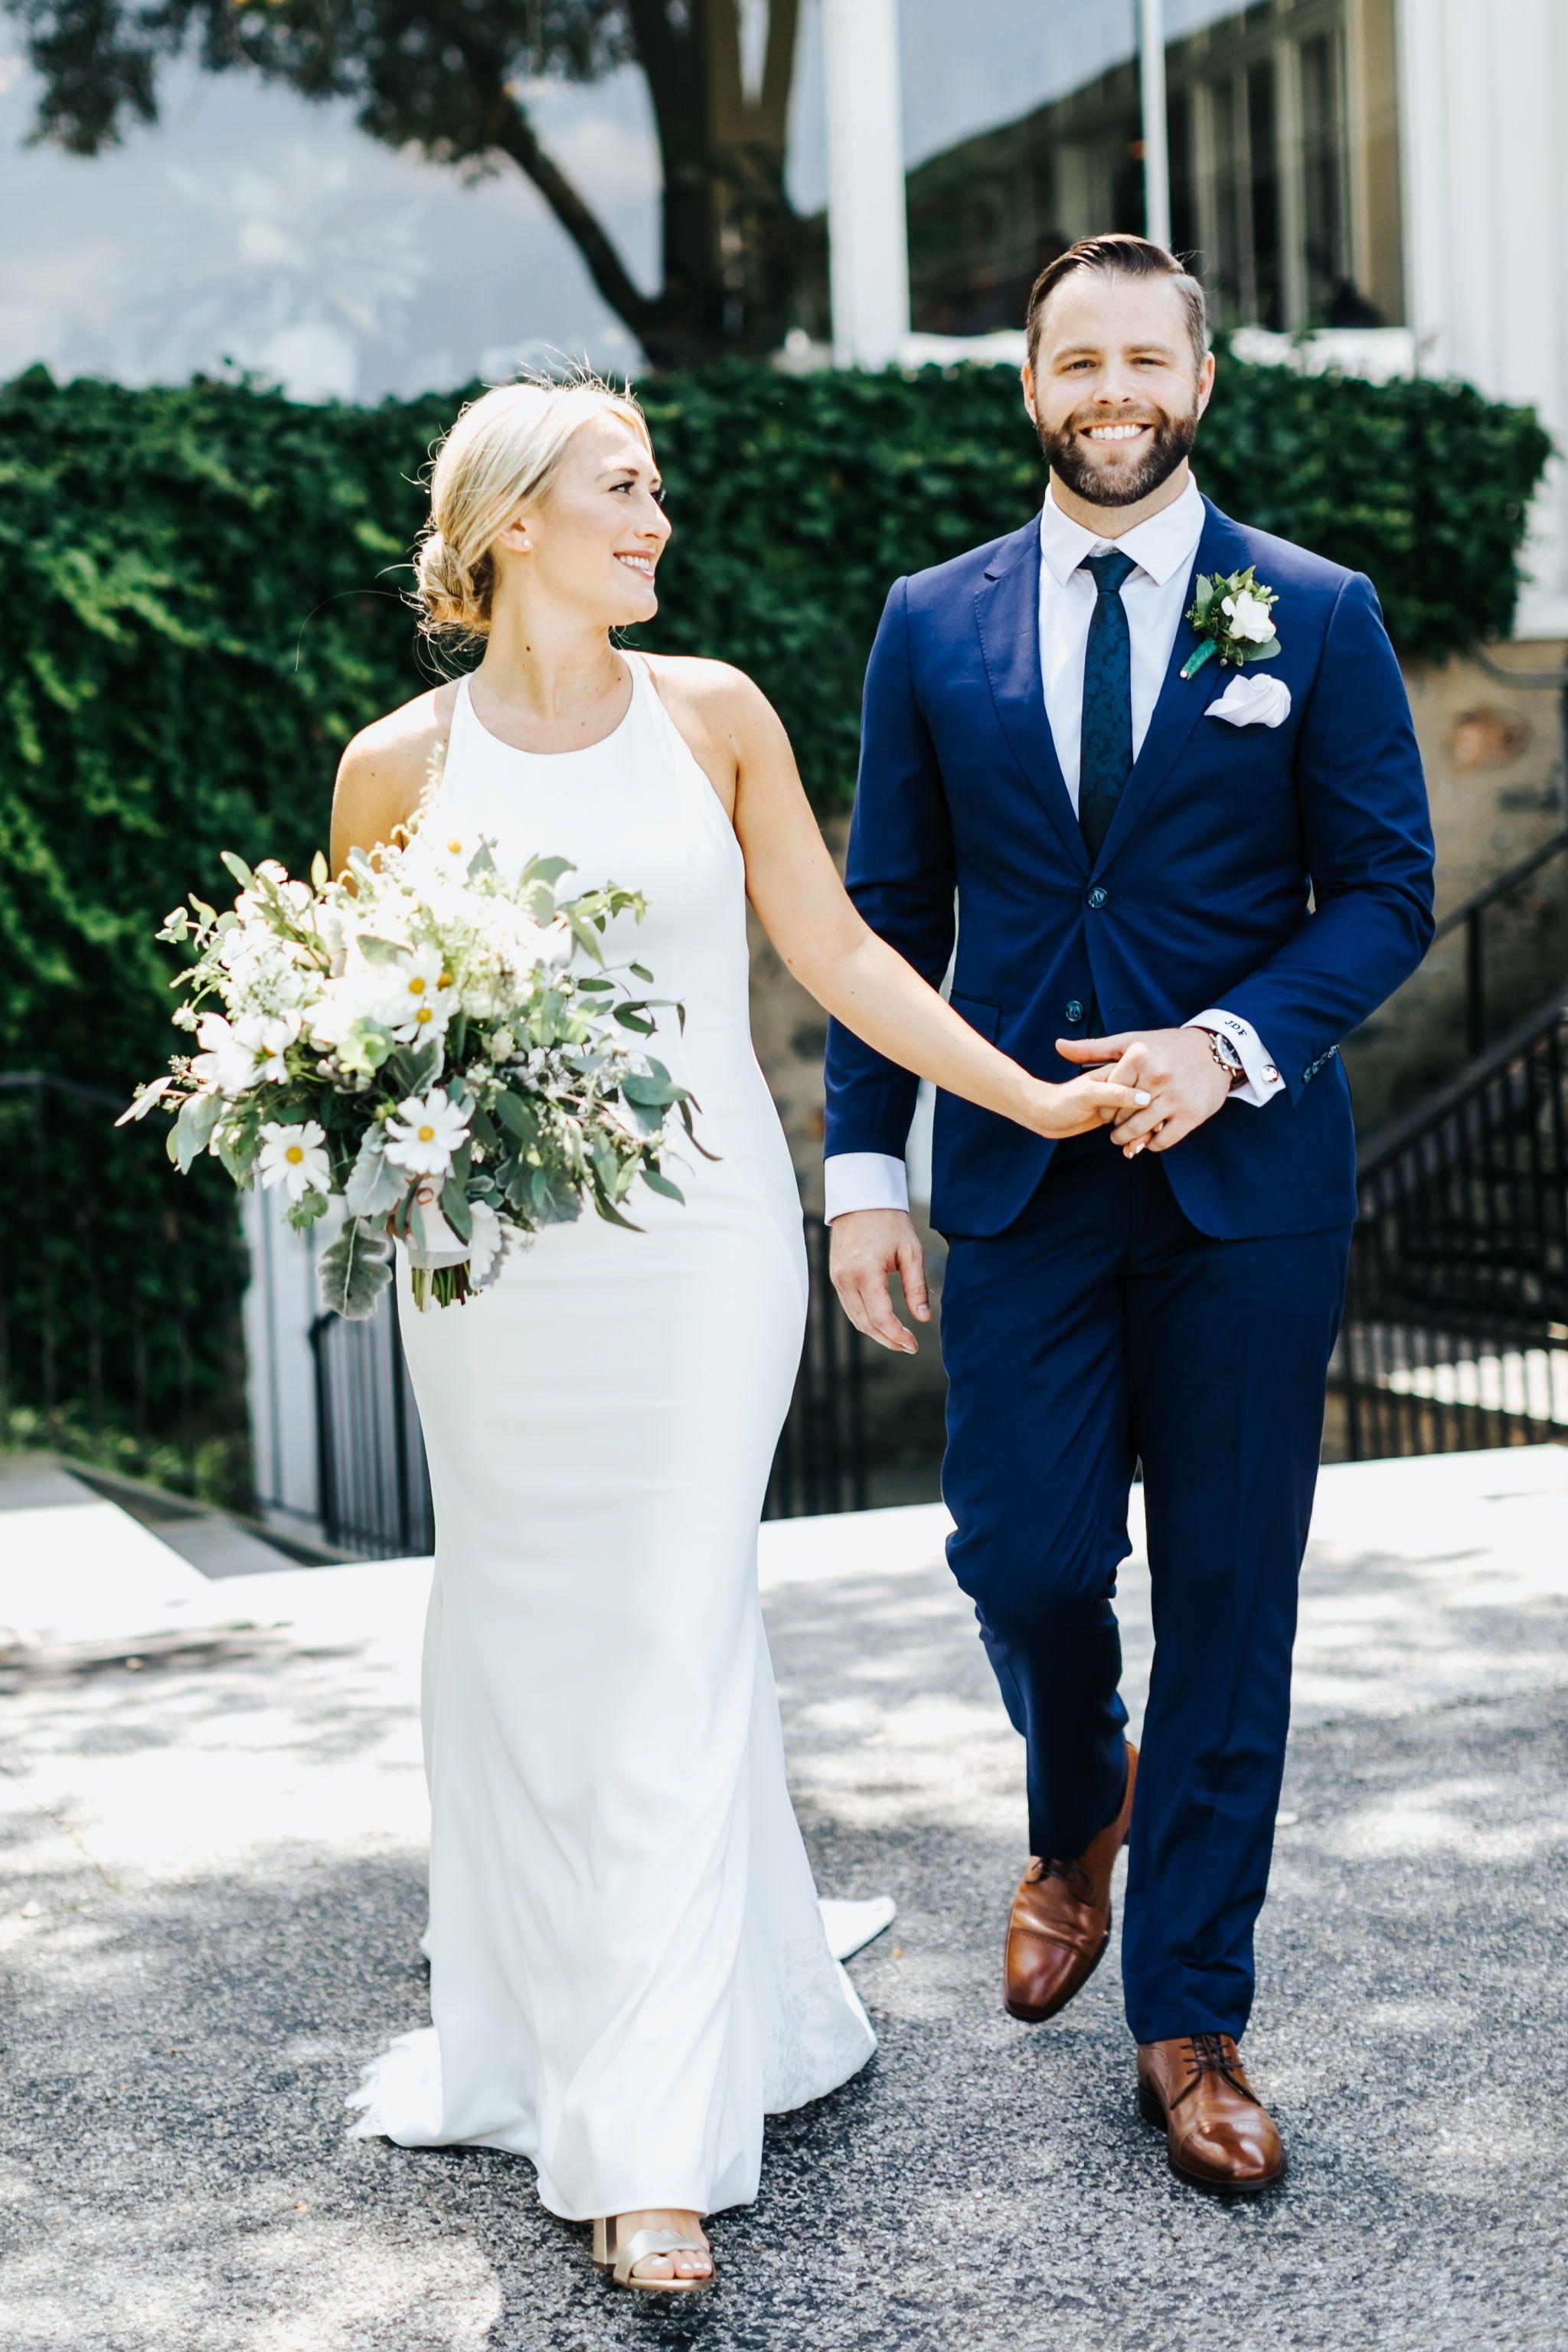 Brilliant Blue Suit Jacket Weddings Bluesuit Blue Wedding Suit Groom Blue Suit Wedding Navy Blue Suit Wedding